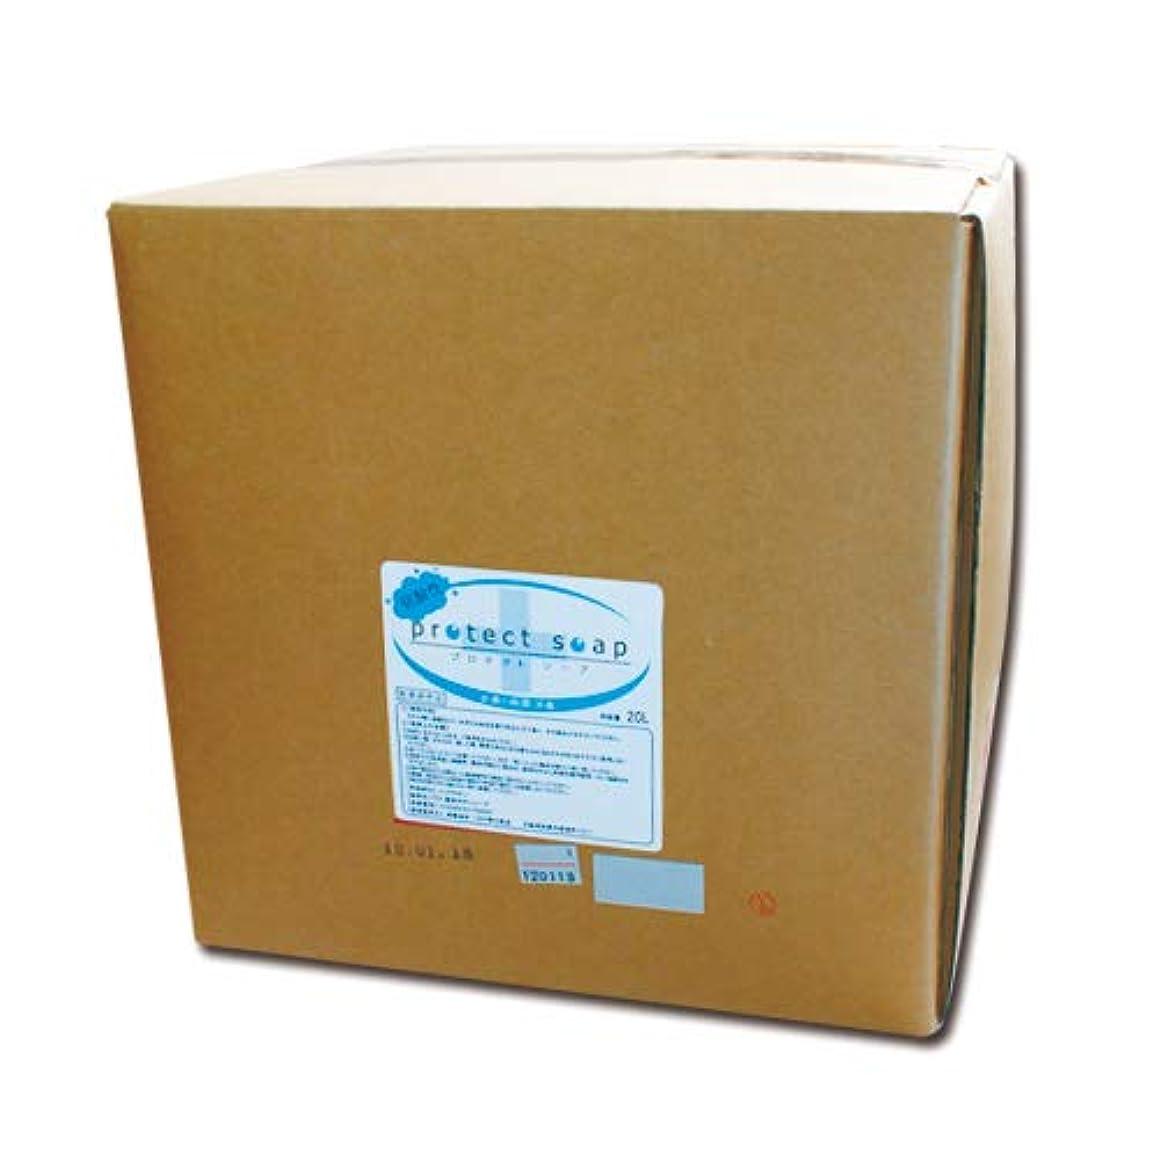 そんなに陽気な豊かにする低刺激弱酸性 液体石鹸 プロテクトソープ 20L 業務用